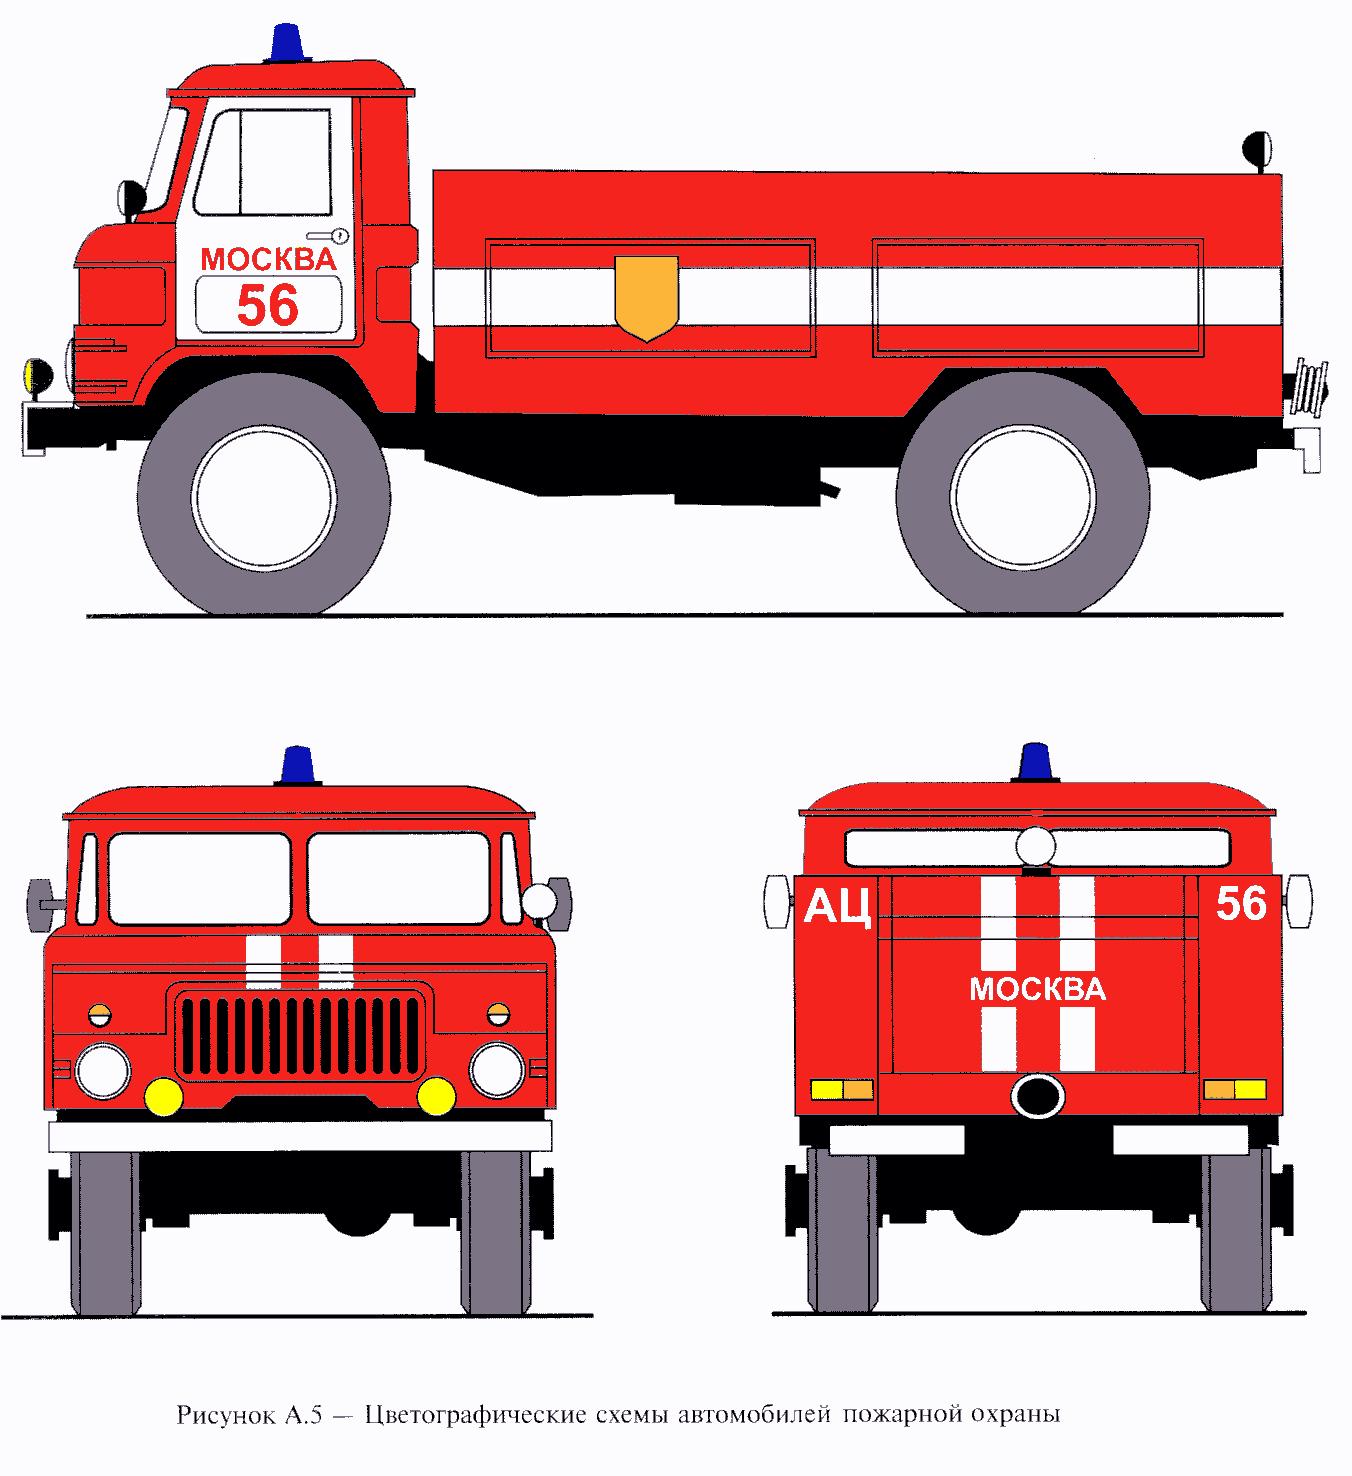 РИС. А.5 ПРИЛОЖЕНИЯ А К ГОСТ Р 50574-2002